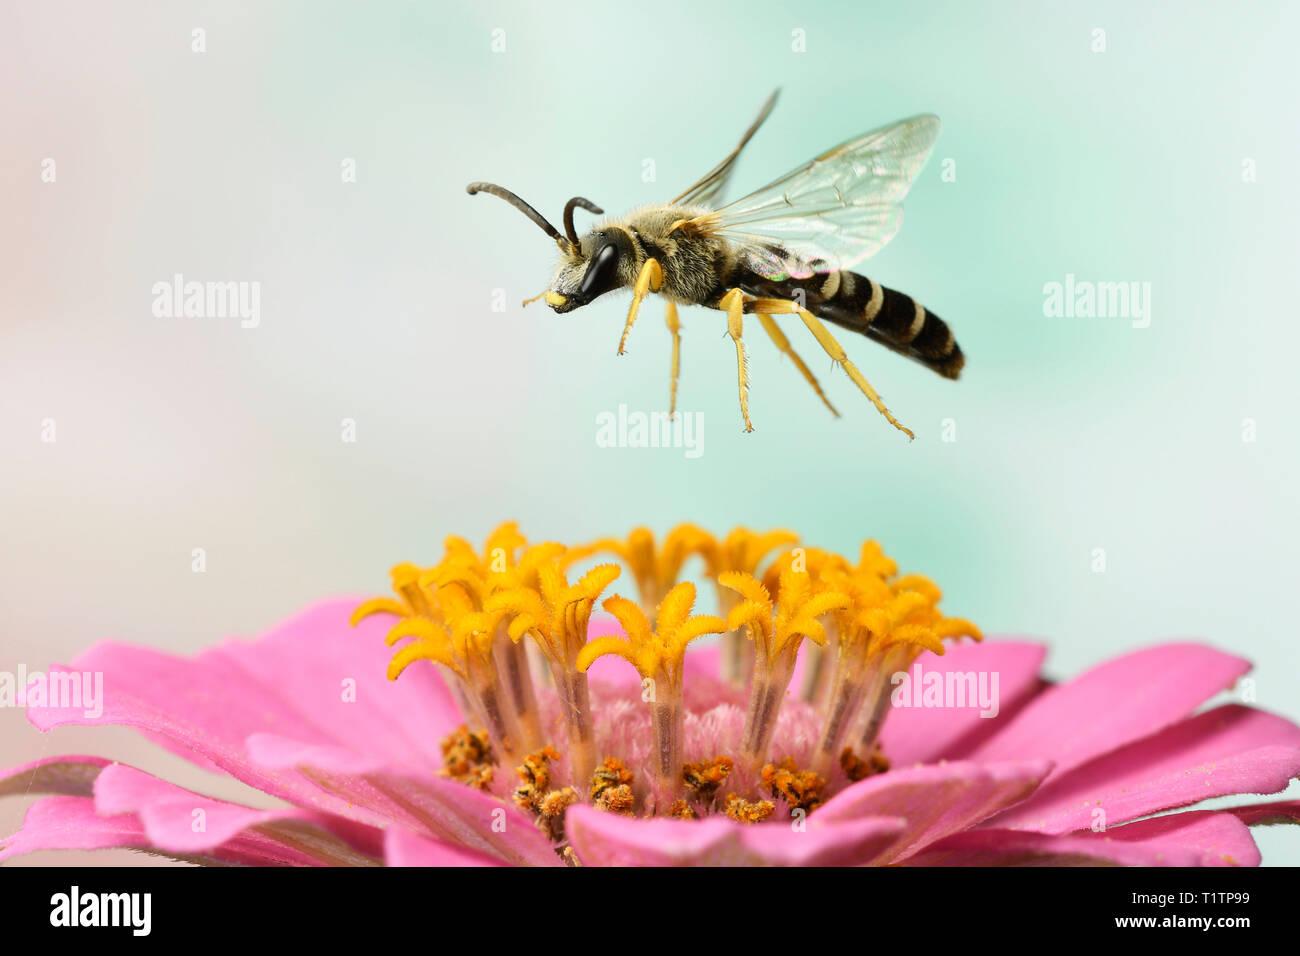 Gelbbindige Furchenbiene (Halictus scabiosae), maennlich, im Flug, an Zinnie, Zinnia elegans, Deutschland - Stock Image